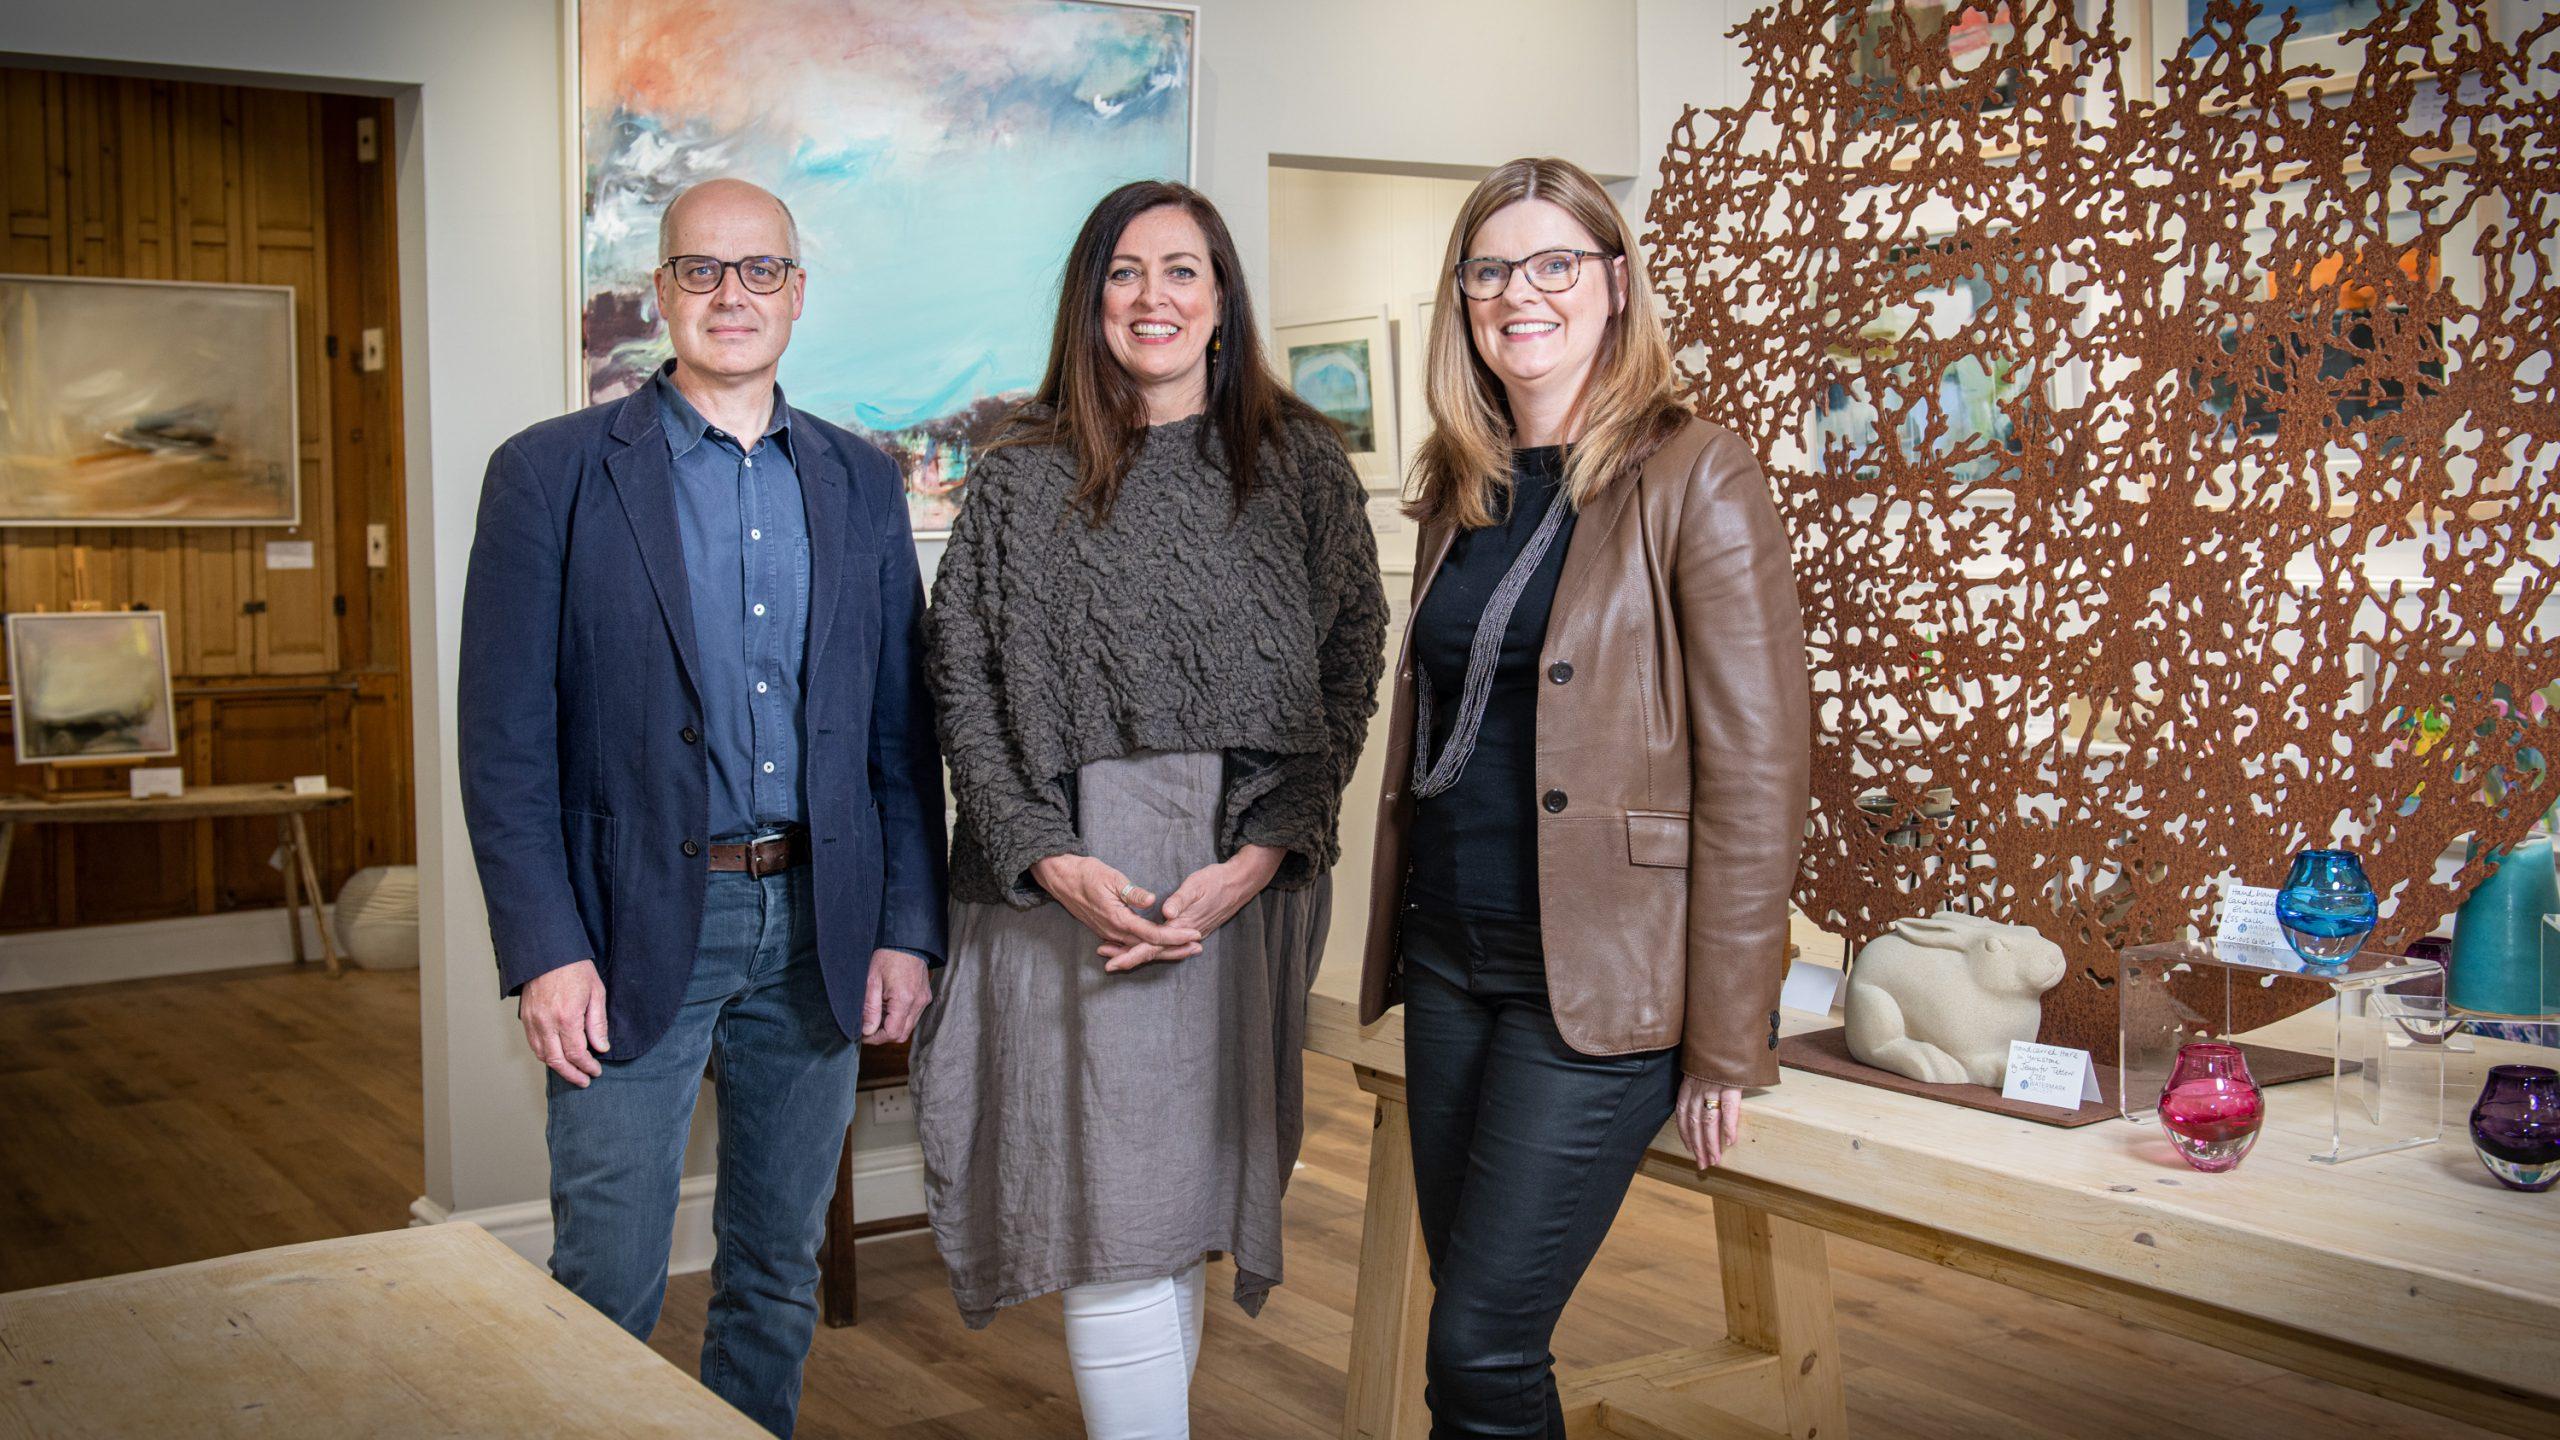 Richard Hawkes, Anna Martola and Liz Hawkes at Watermark Gallery